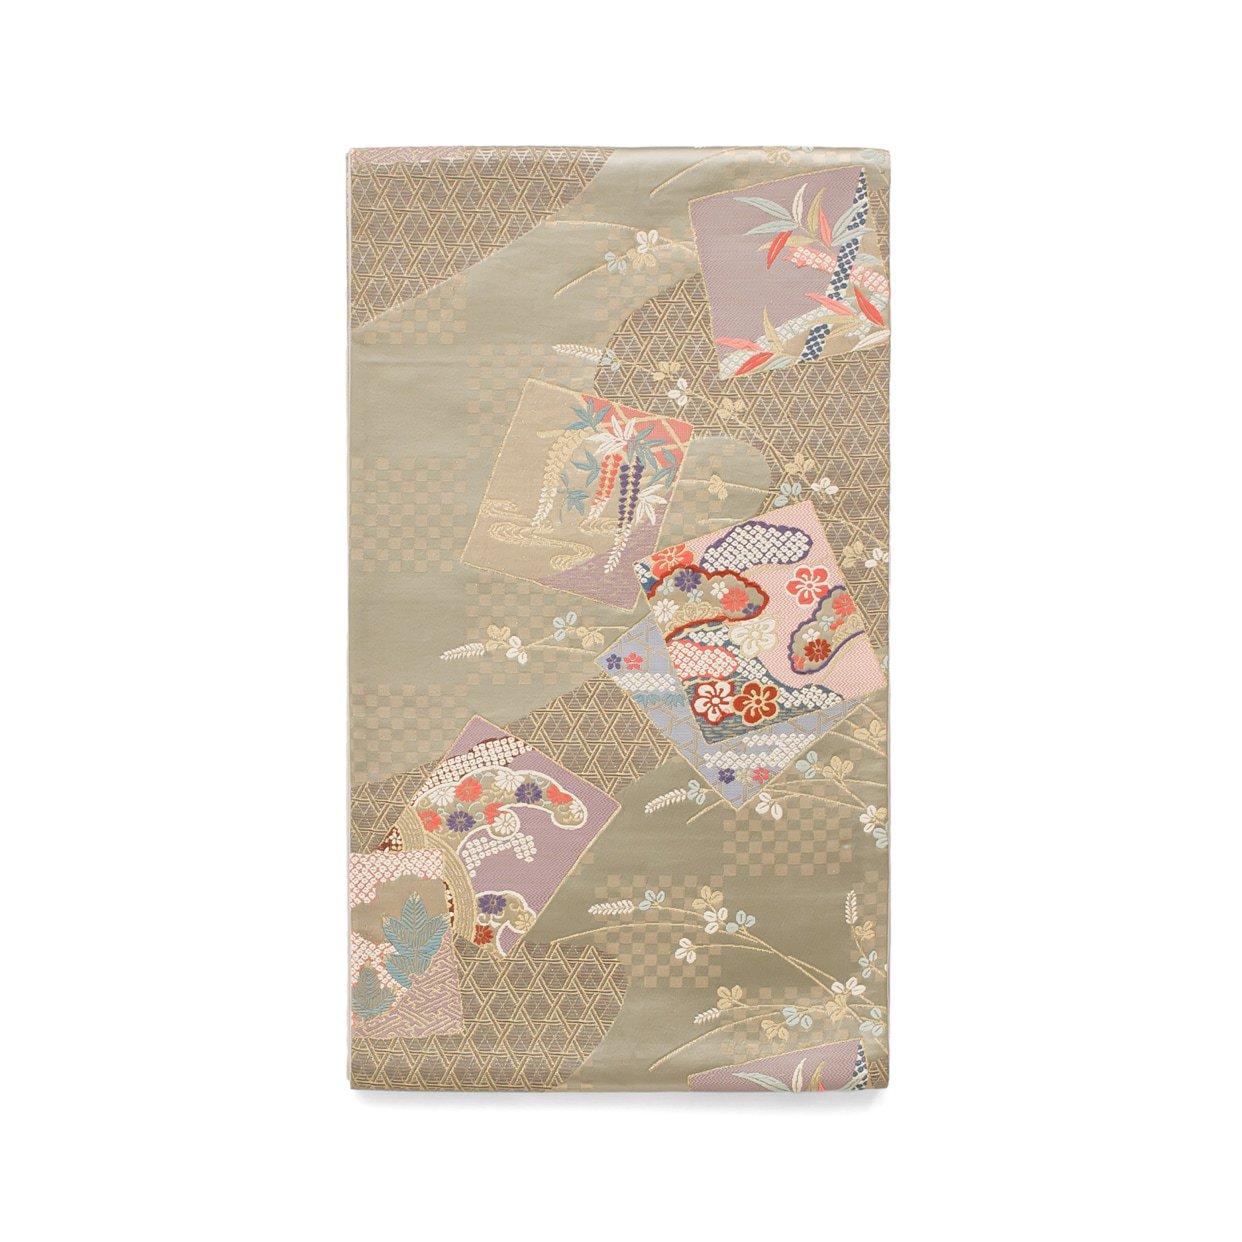 「袋帯●市松や網目に絵札模様」の商品画像